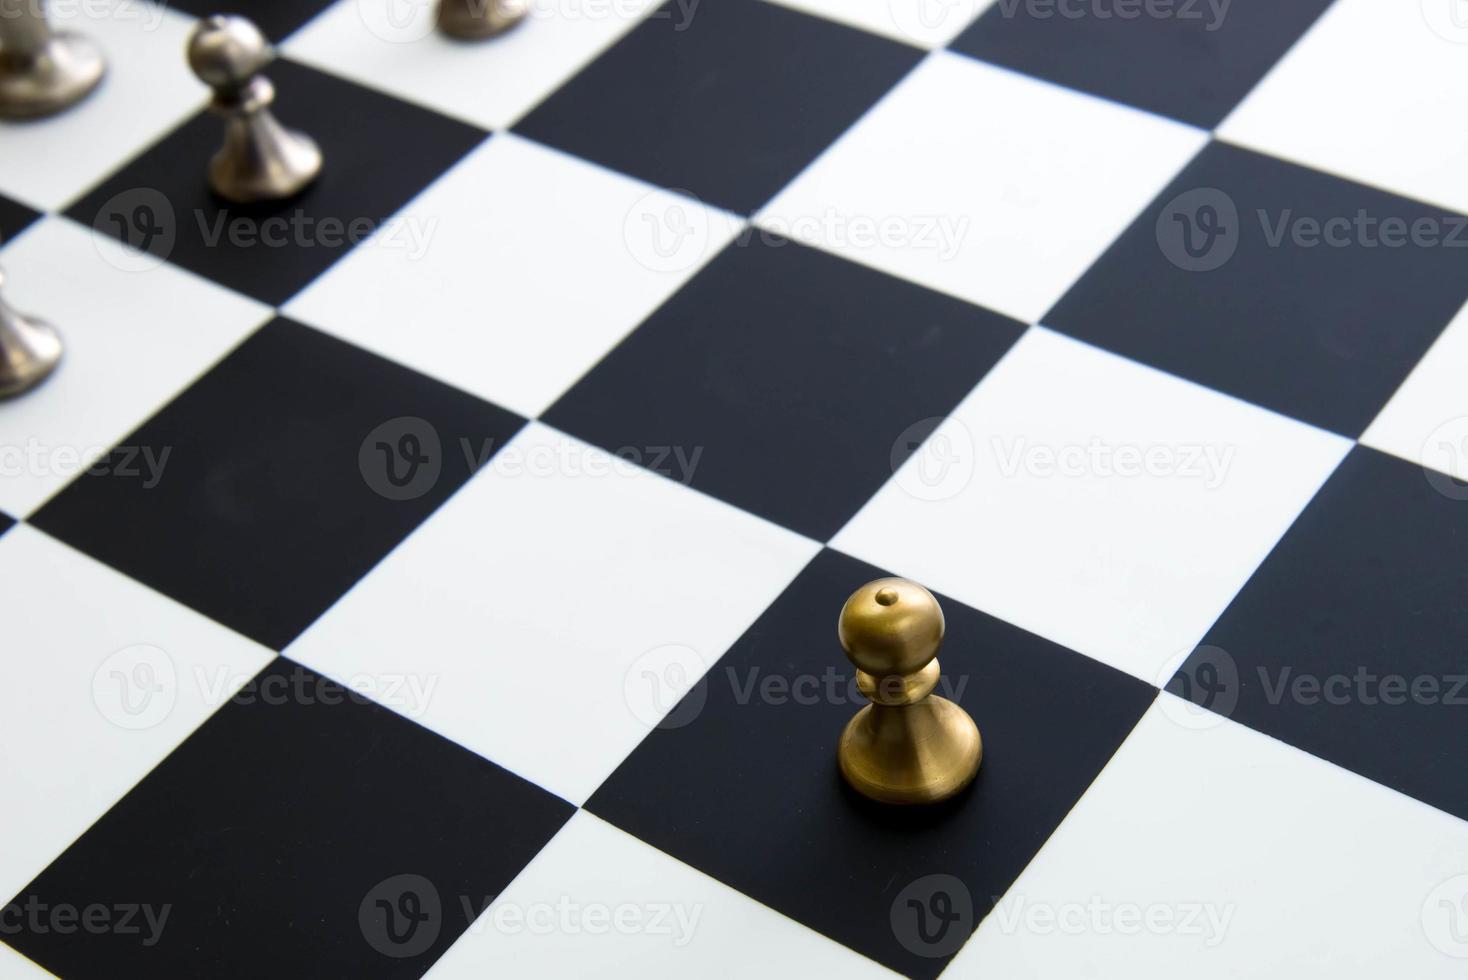 jogo de xadrez - peão sozinho na frente no tabuleiro de xadrez foto